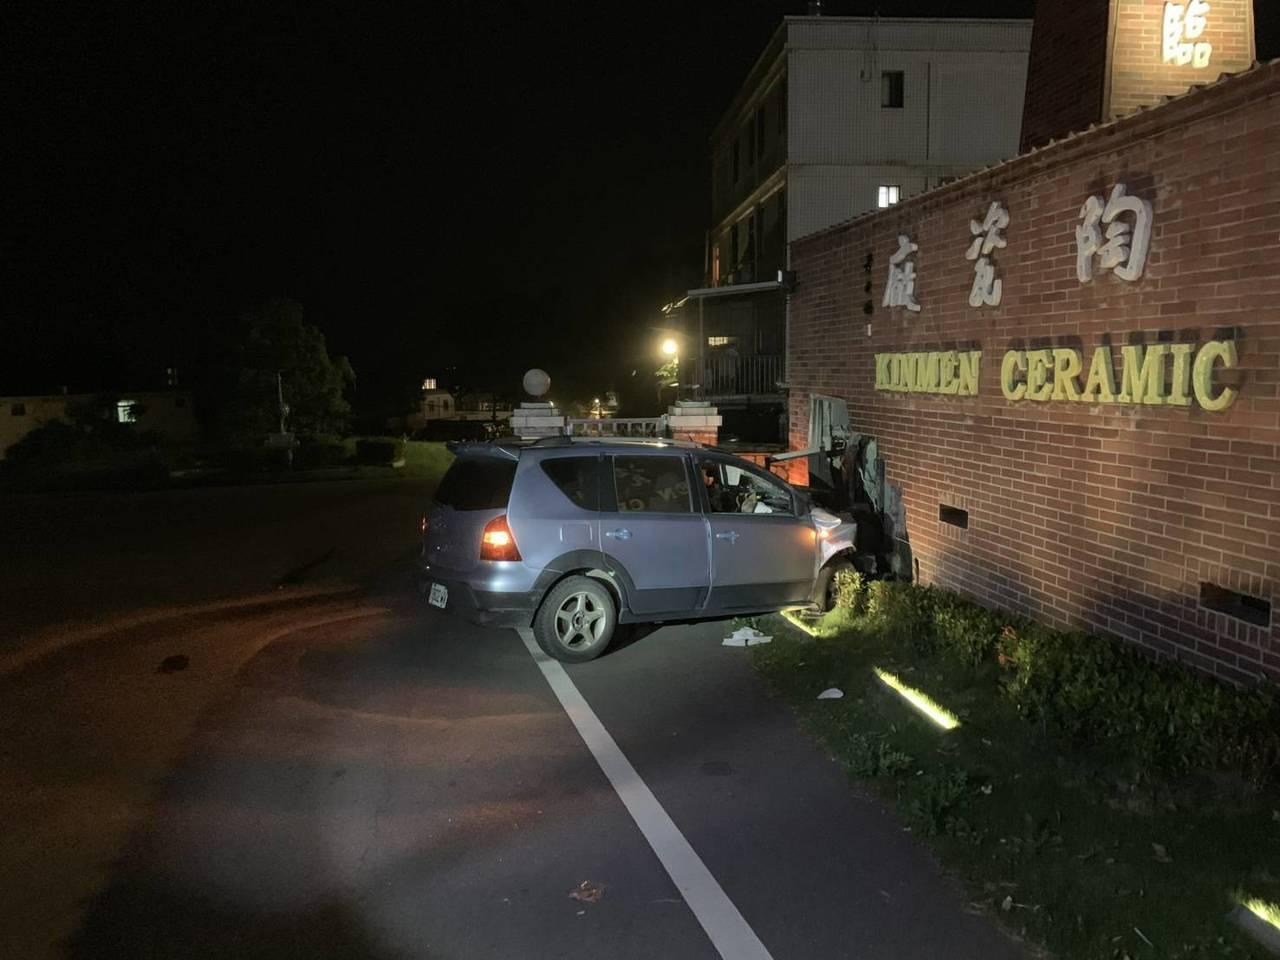 一名男子昨晚駕車行經陶瓷廠,疑似酒駕,車子直接撞擊,衝撞金門陶瓷廠大門的柴燒窯地...